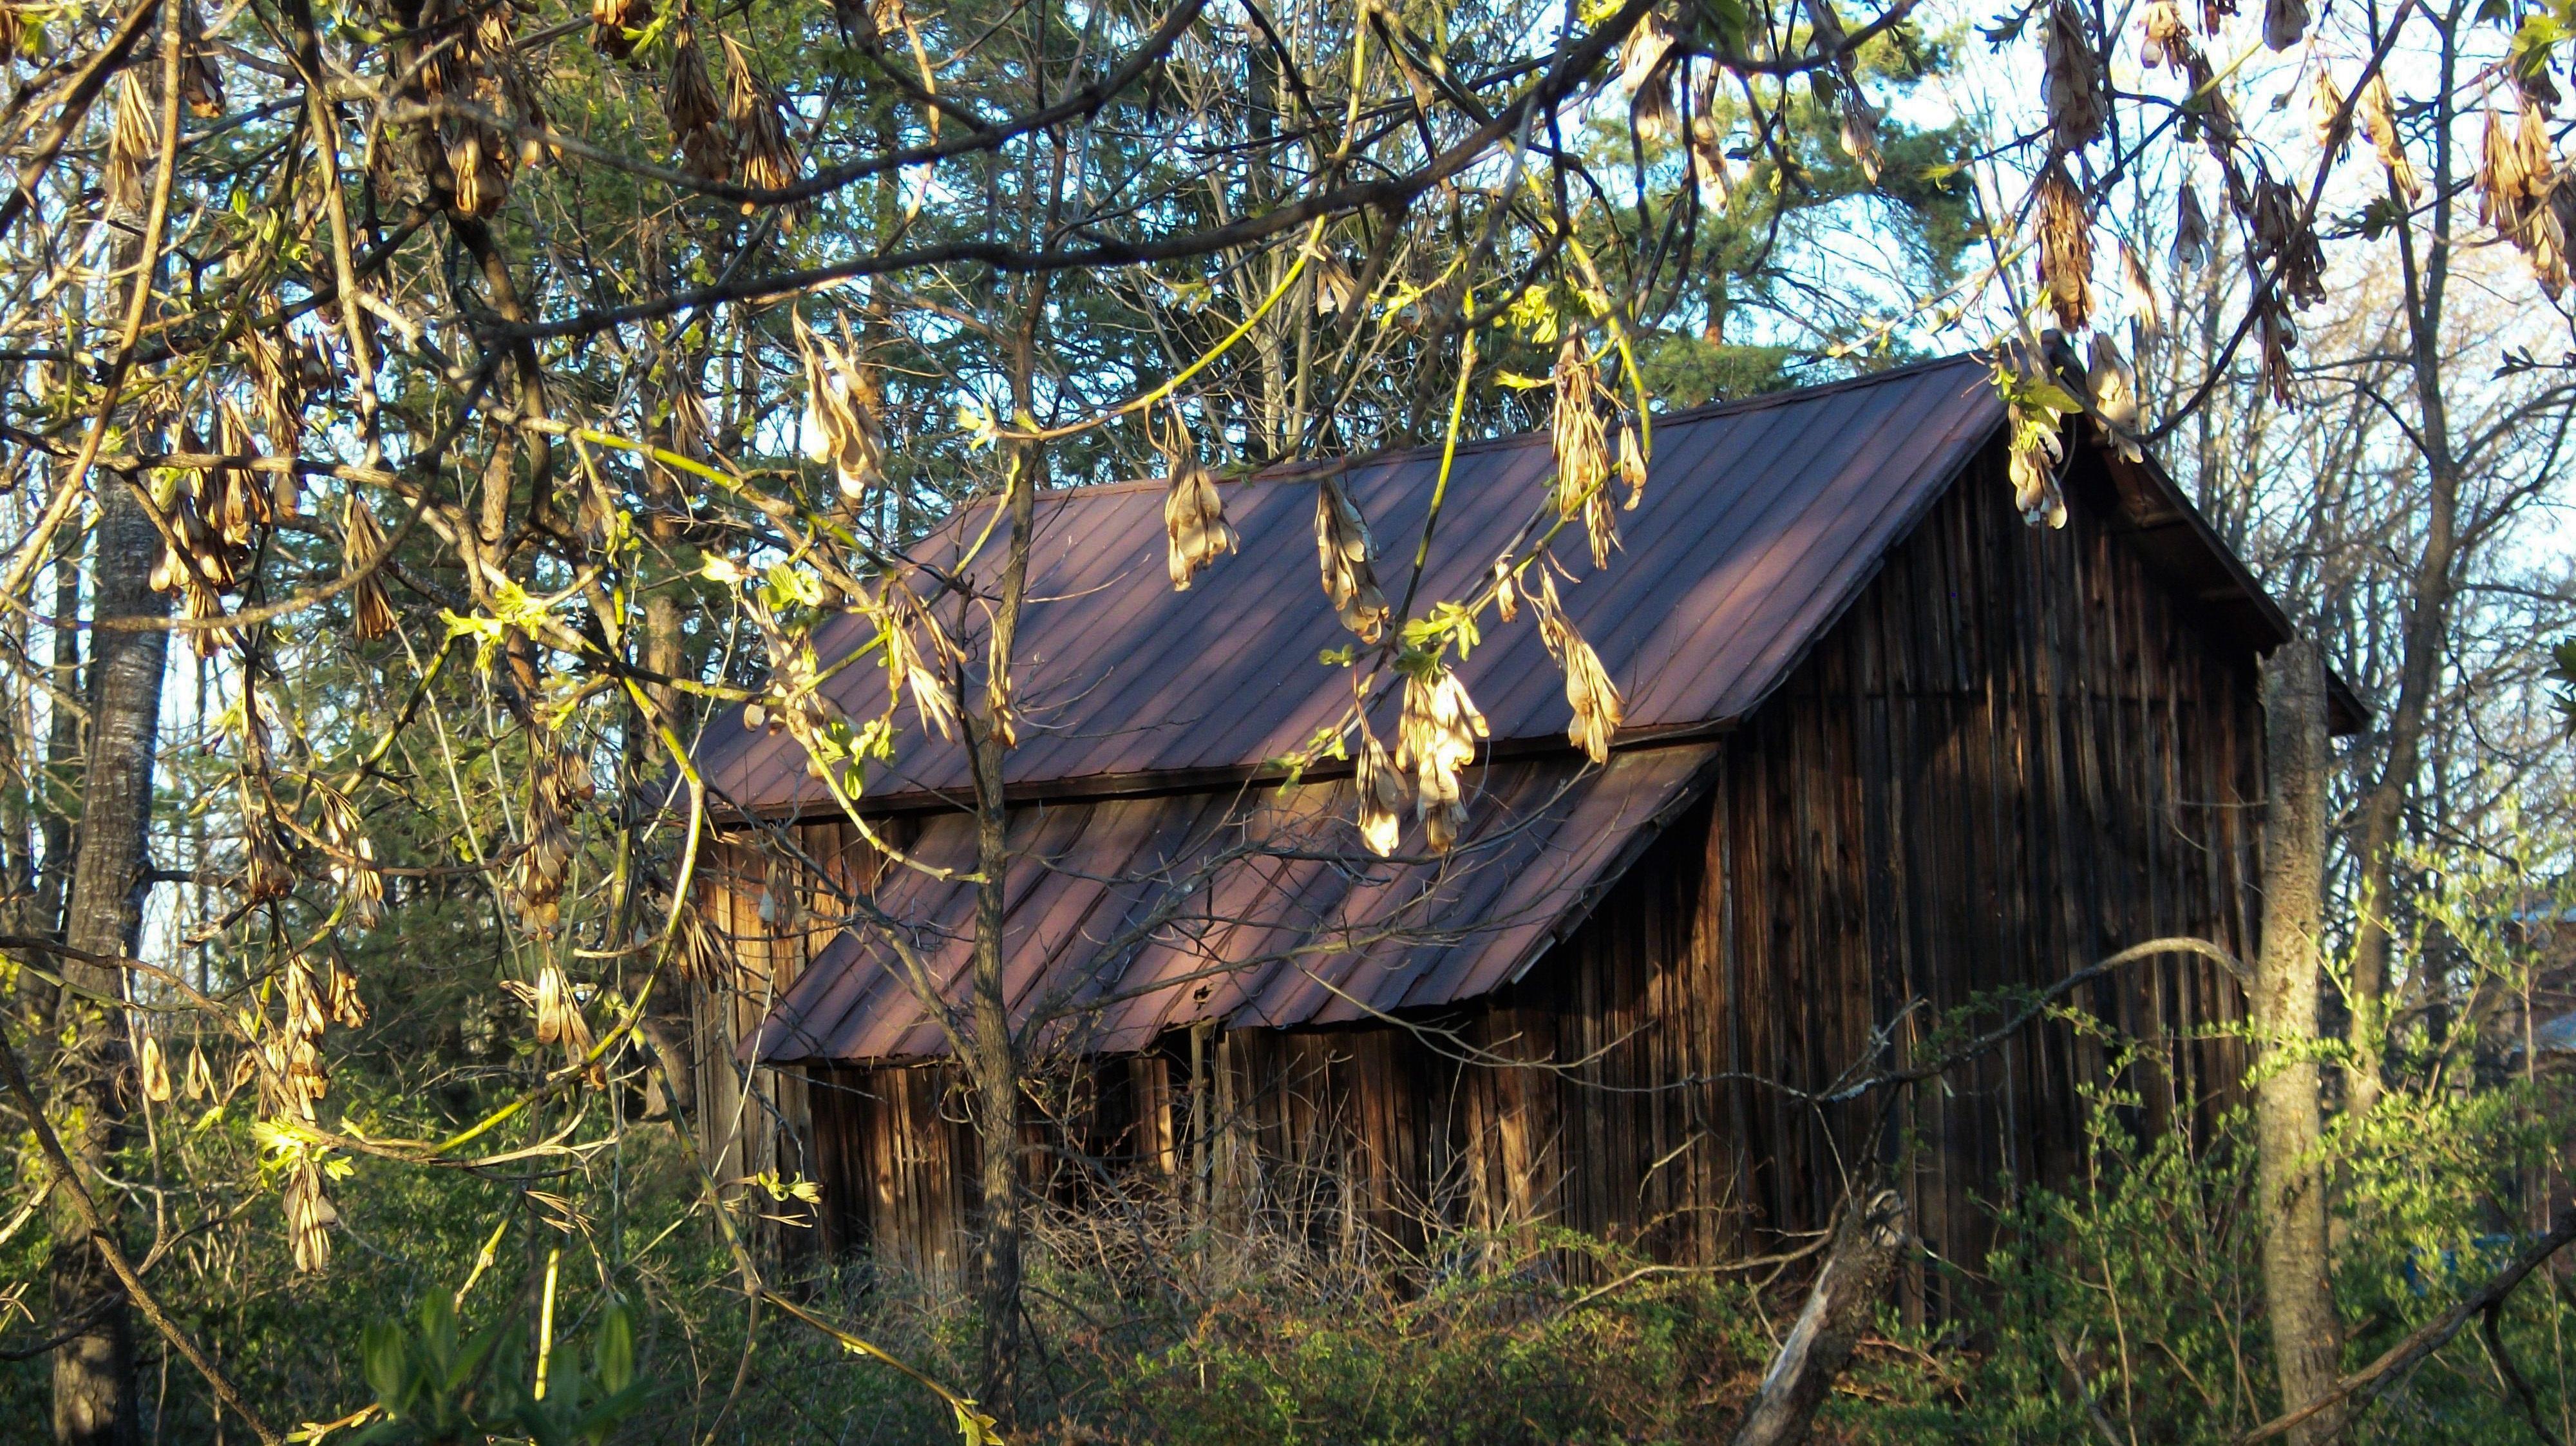 무료 이미지 : 나무, 숲, 황야, 농장, 잎, 외양간, 촌사람 같은 ...